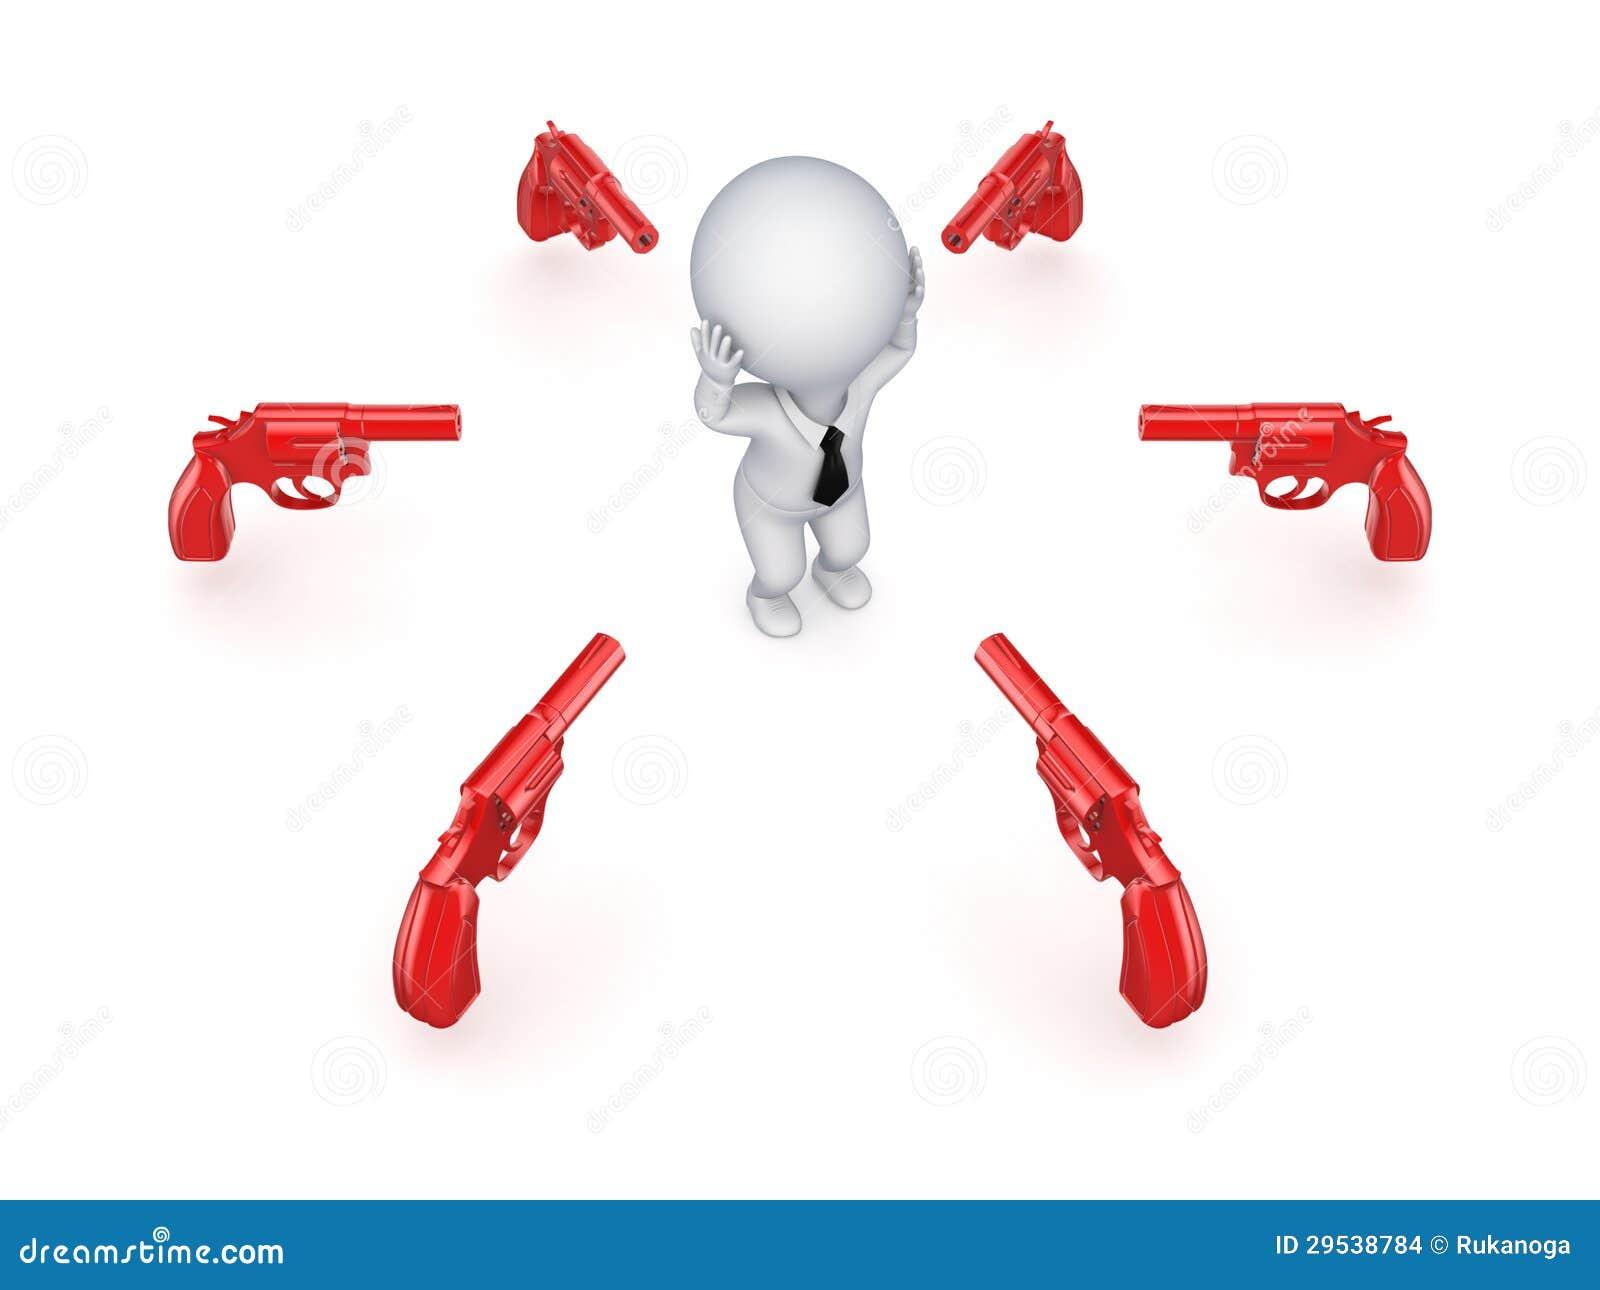 Revólveres alrededor de la pequeña persona 3d.